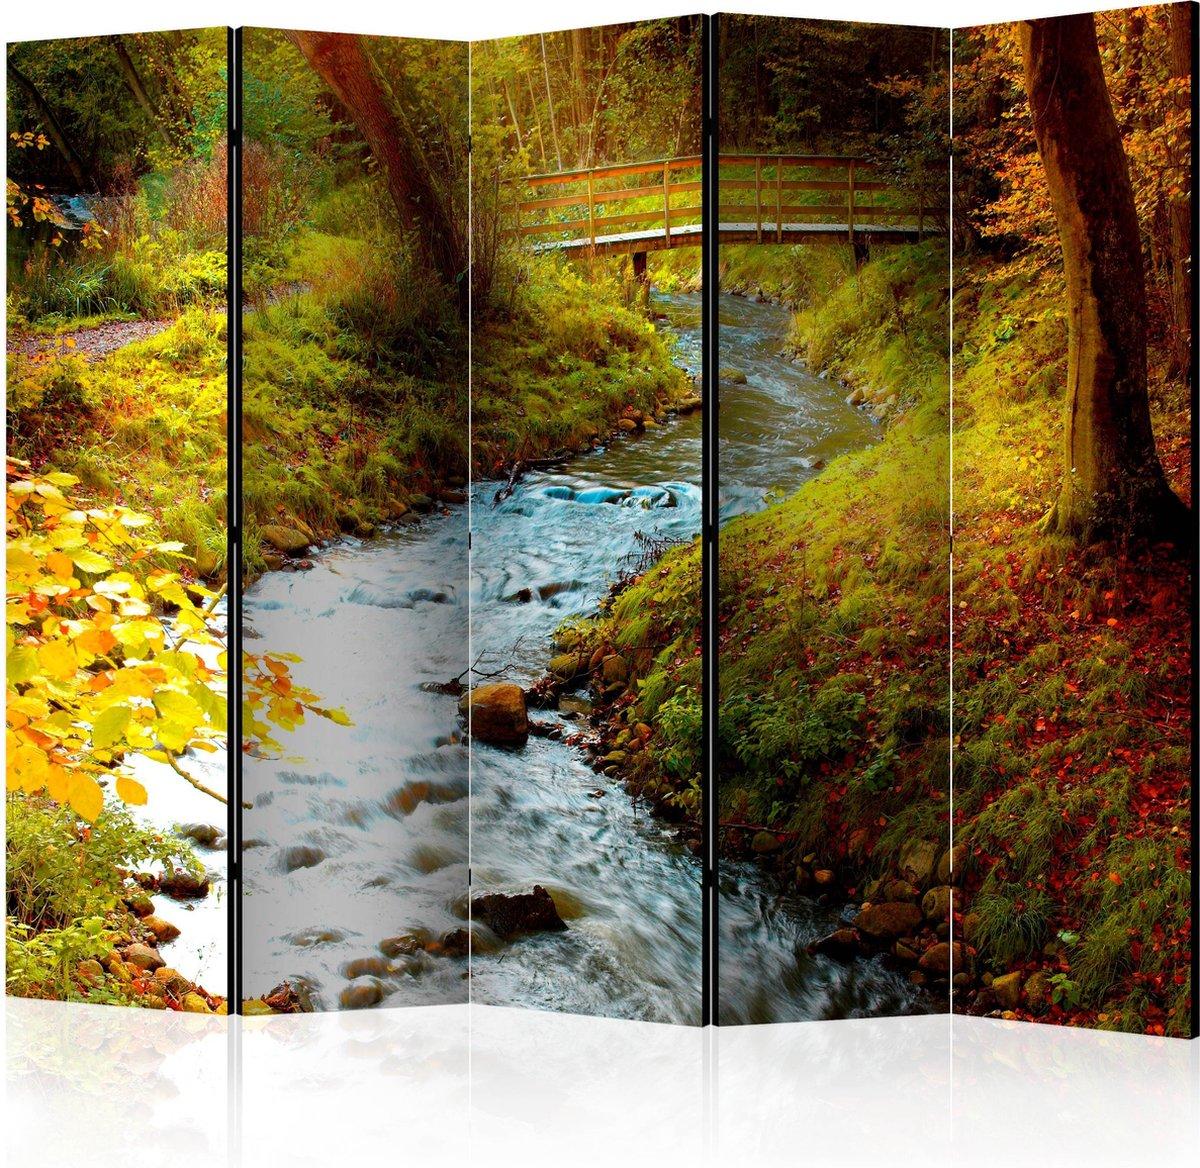 Kamerscherm - Scheidingswand - Vouwscherm - brook (sunrise) II [Room Dividers] 225x172 - Artgeist Vouwscherm